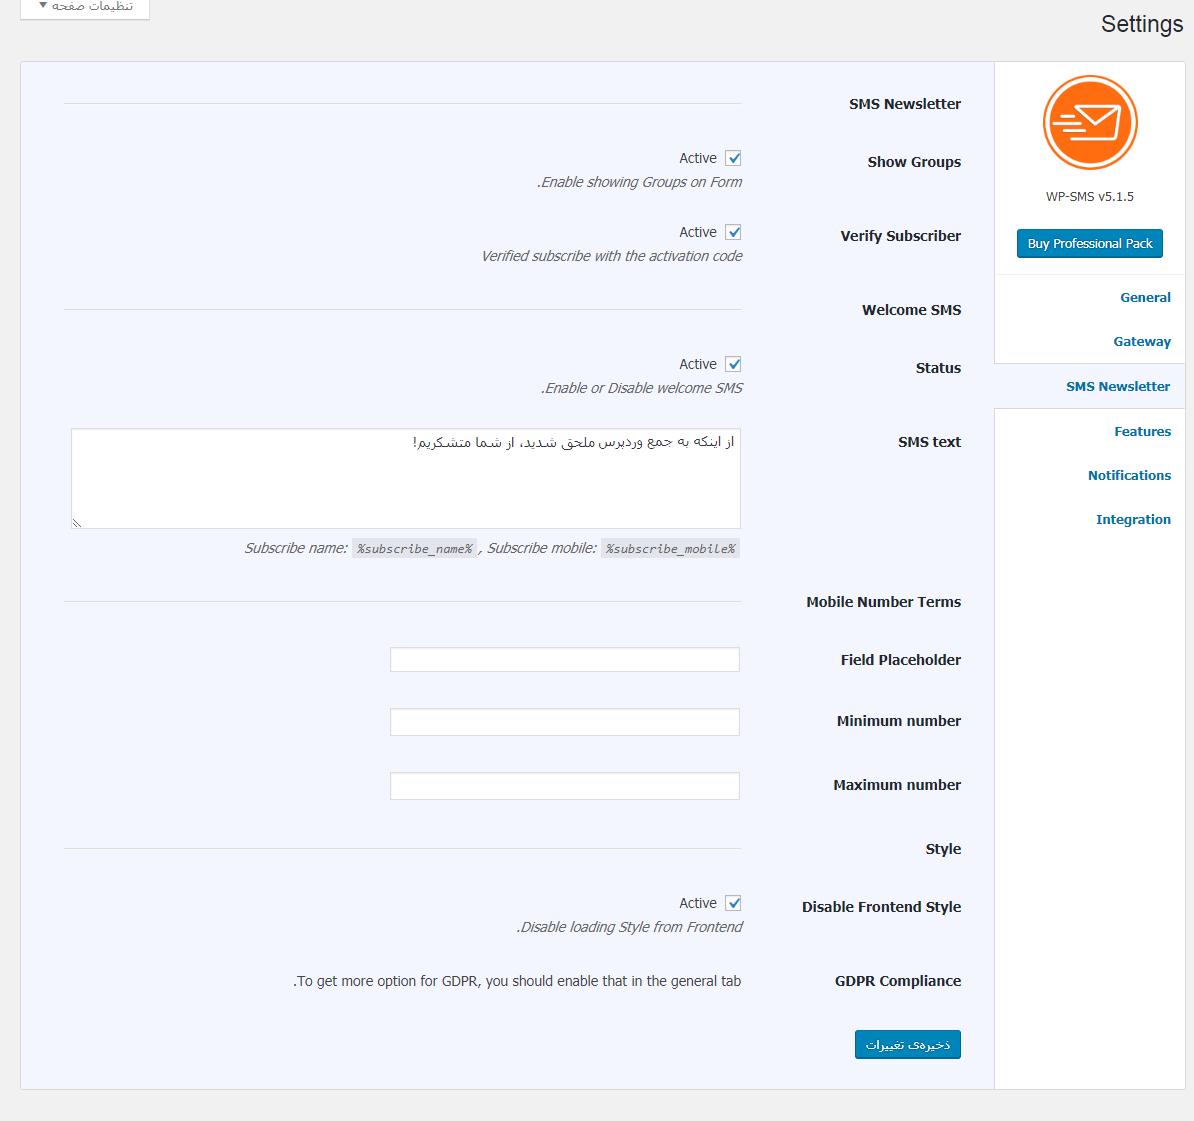 خبرنامه پیامکی در وردپرس با افزونه WP SMS